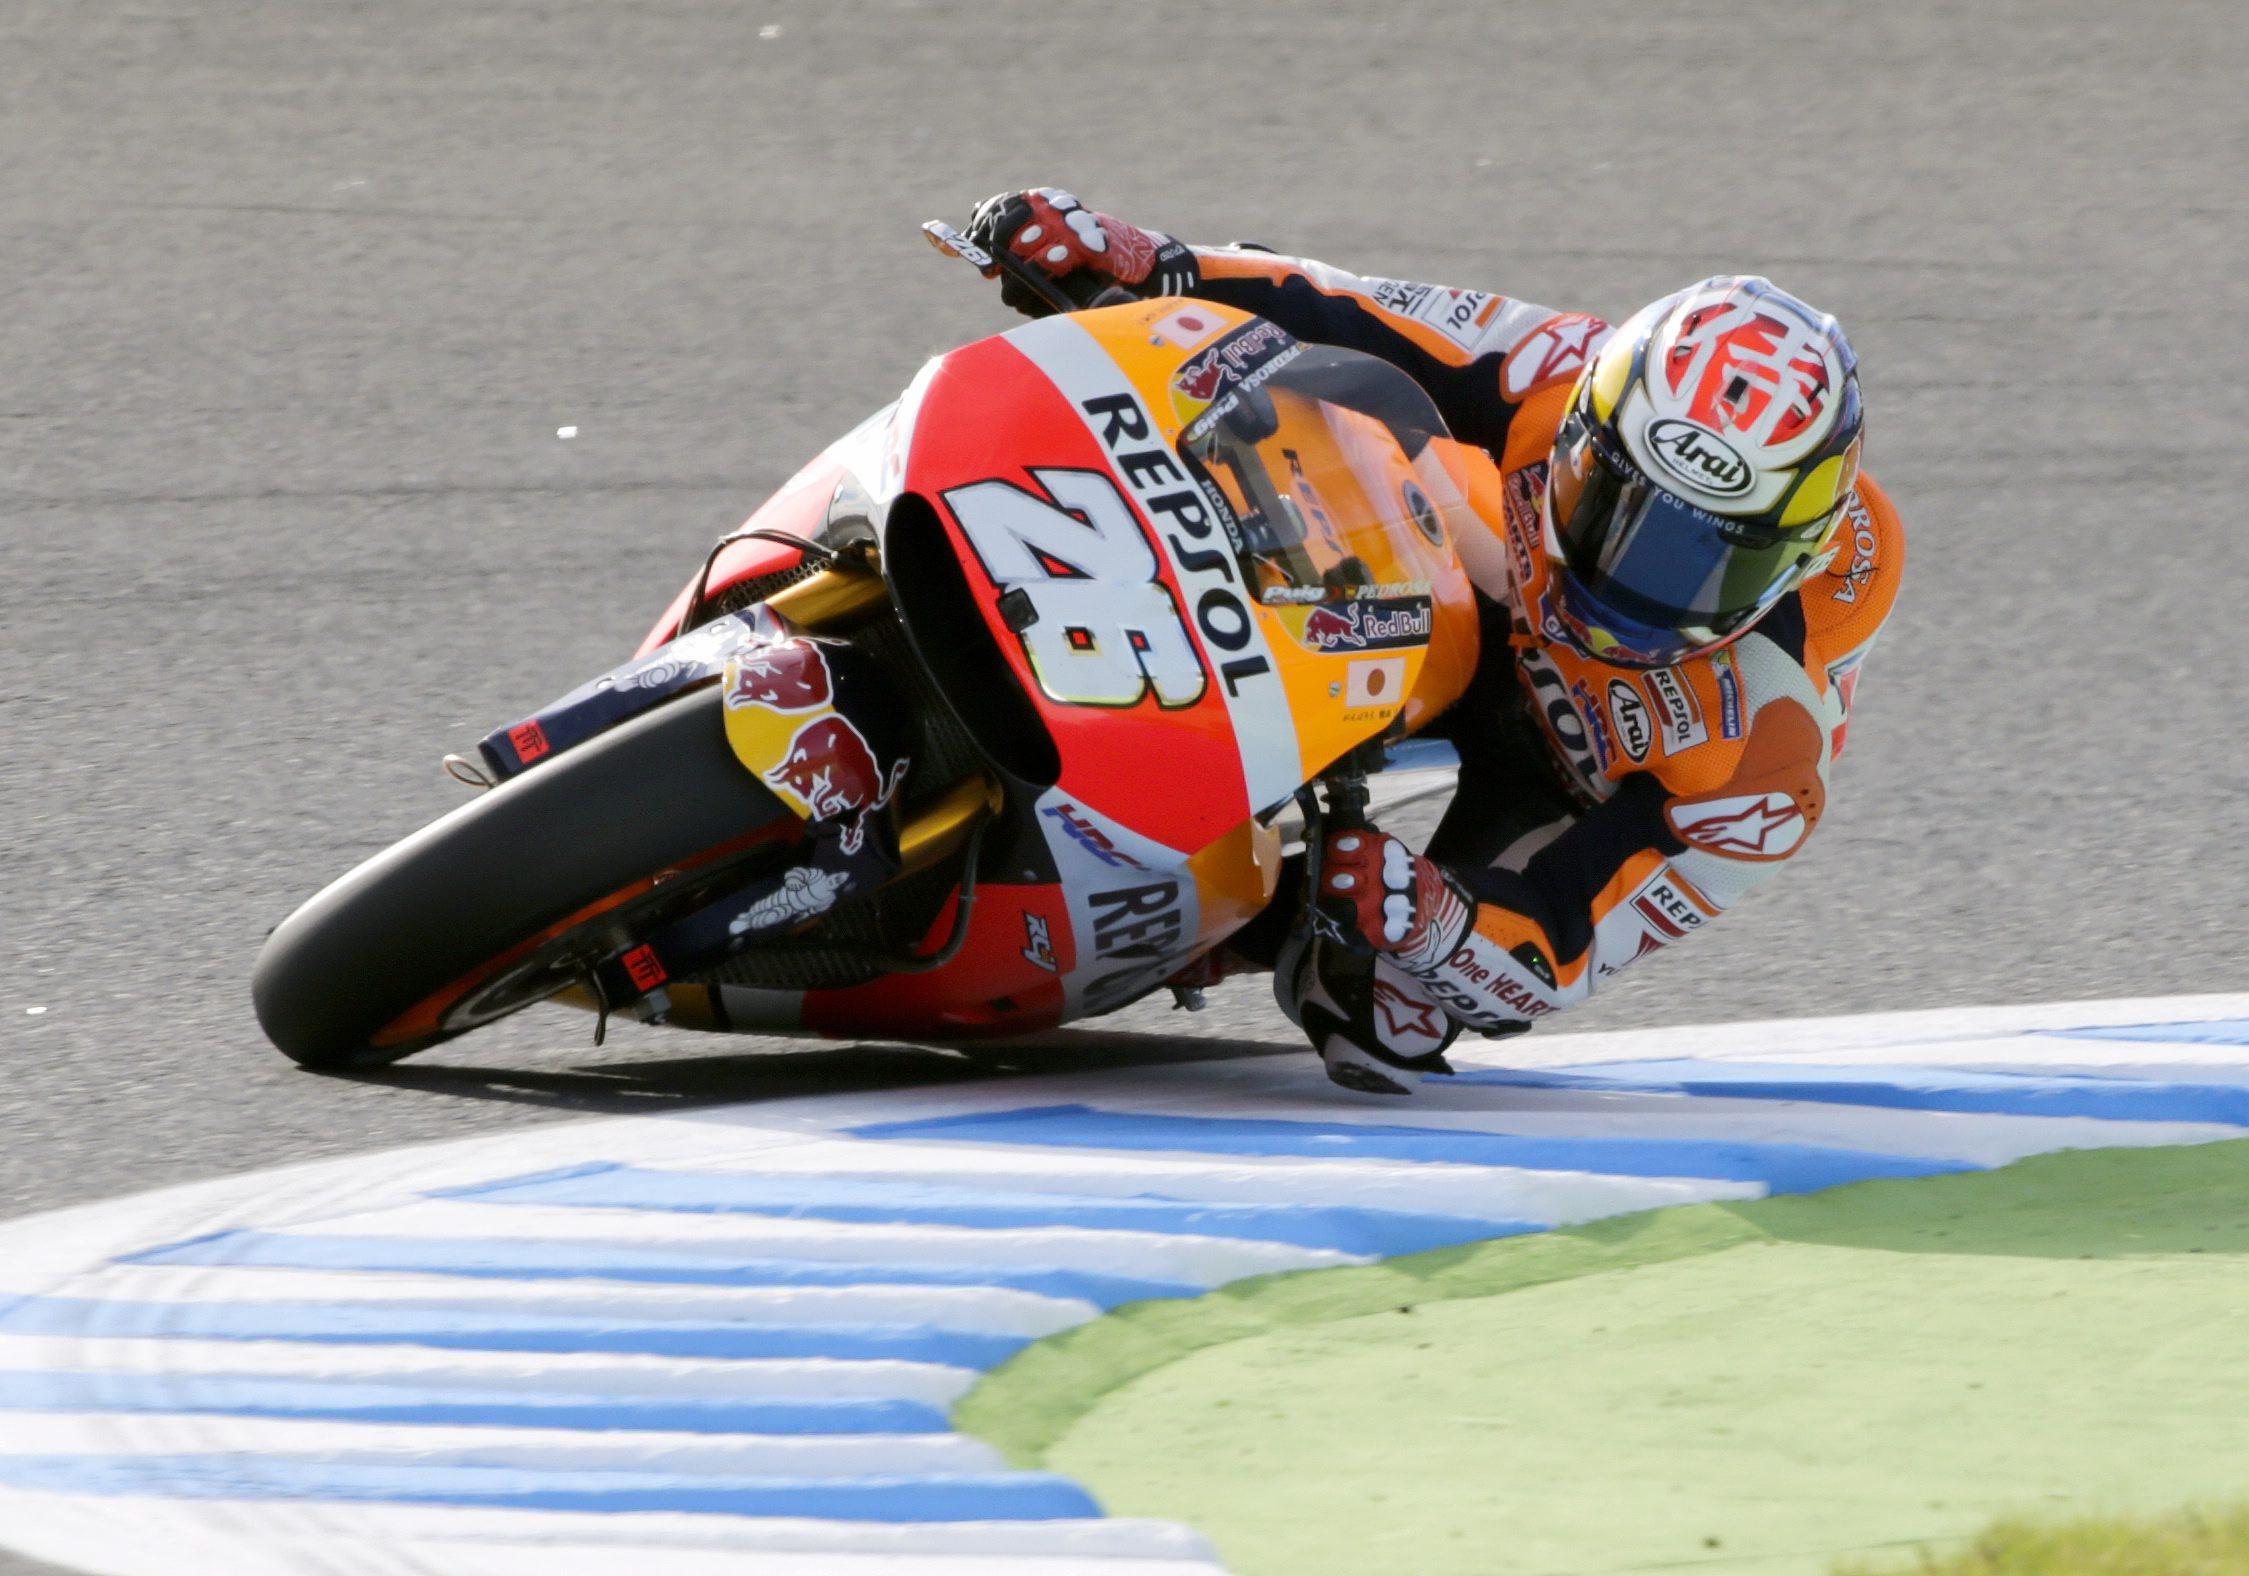 Motegi continua no calendário do Mundial de MotoGP até 2023